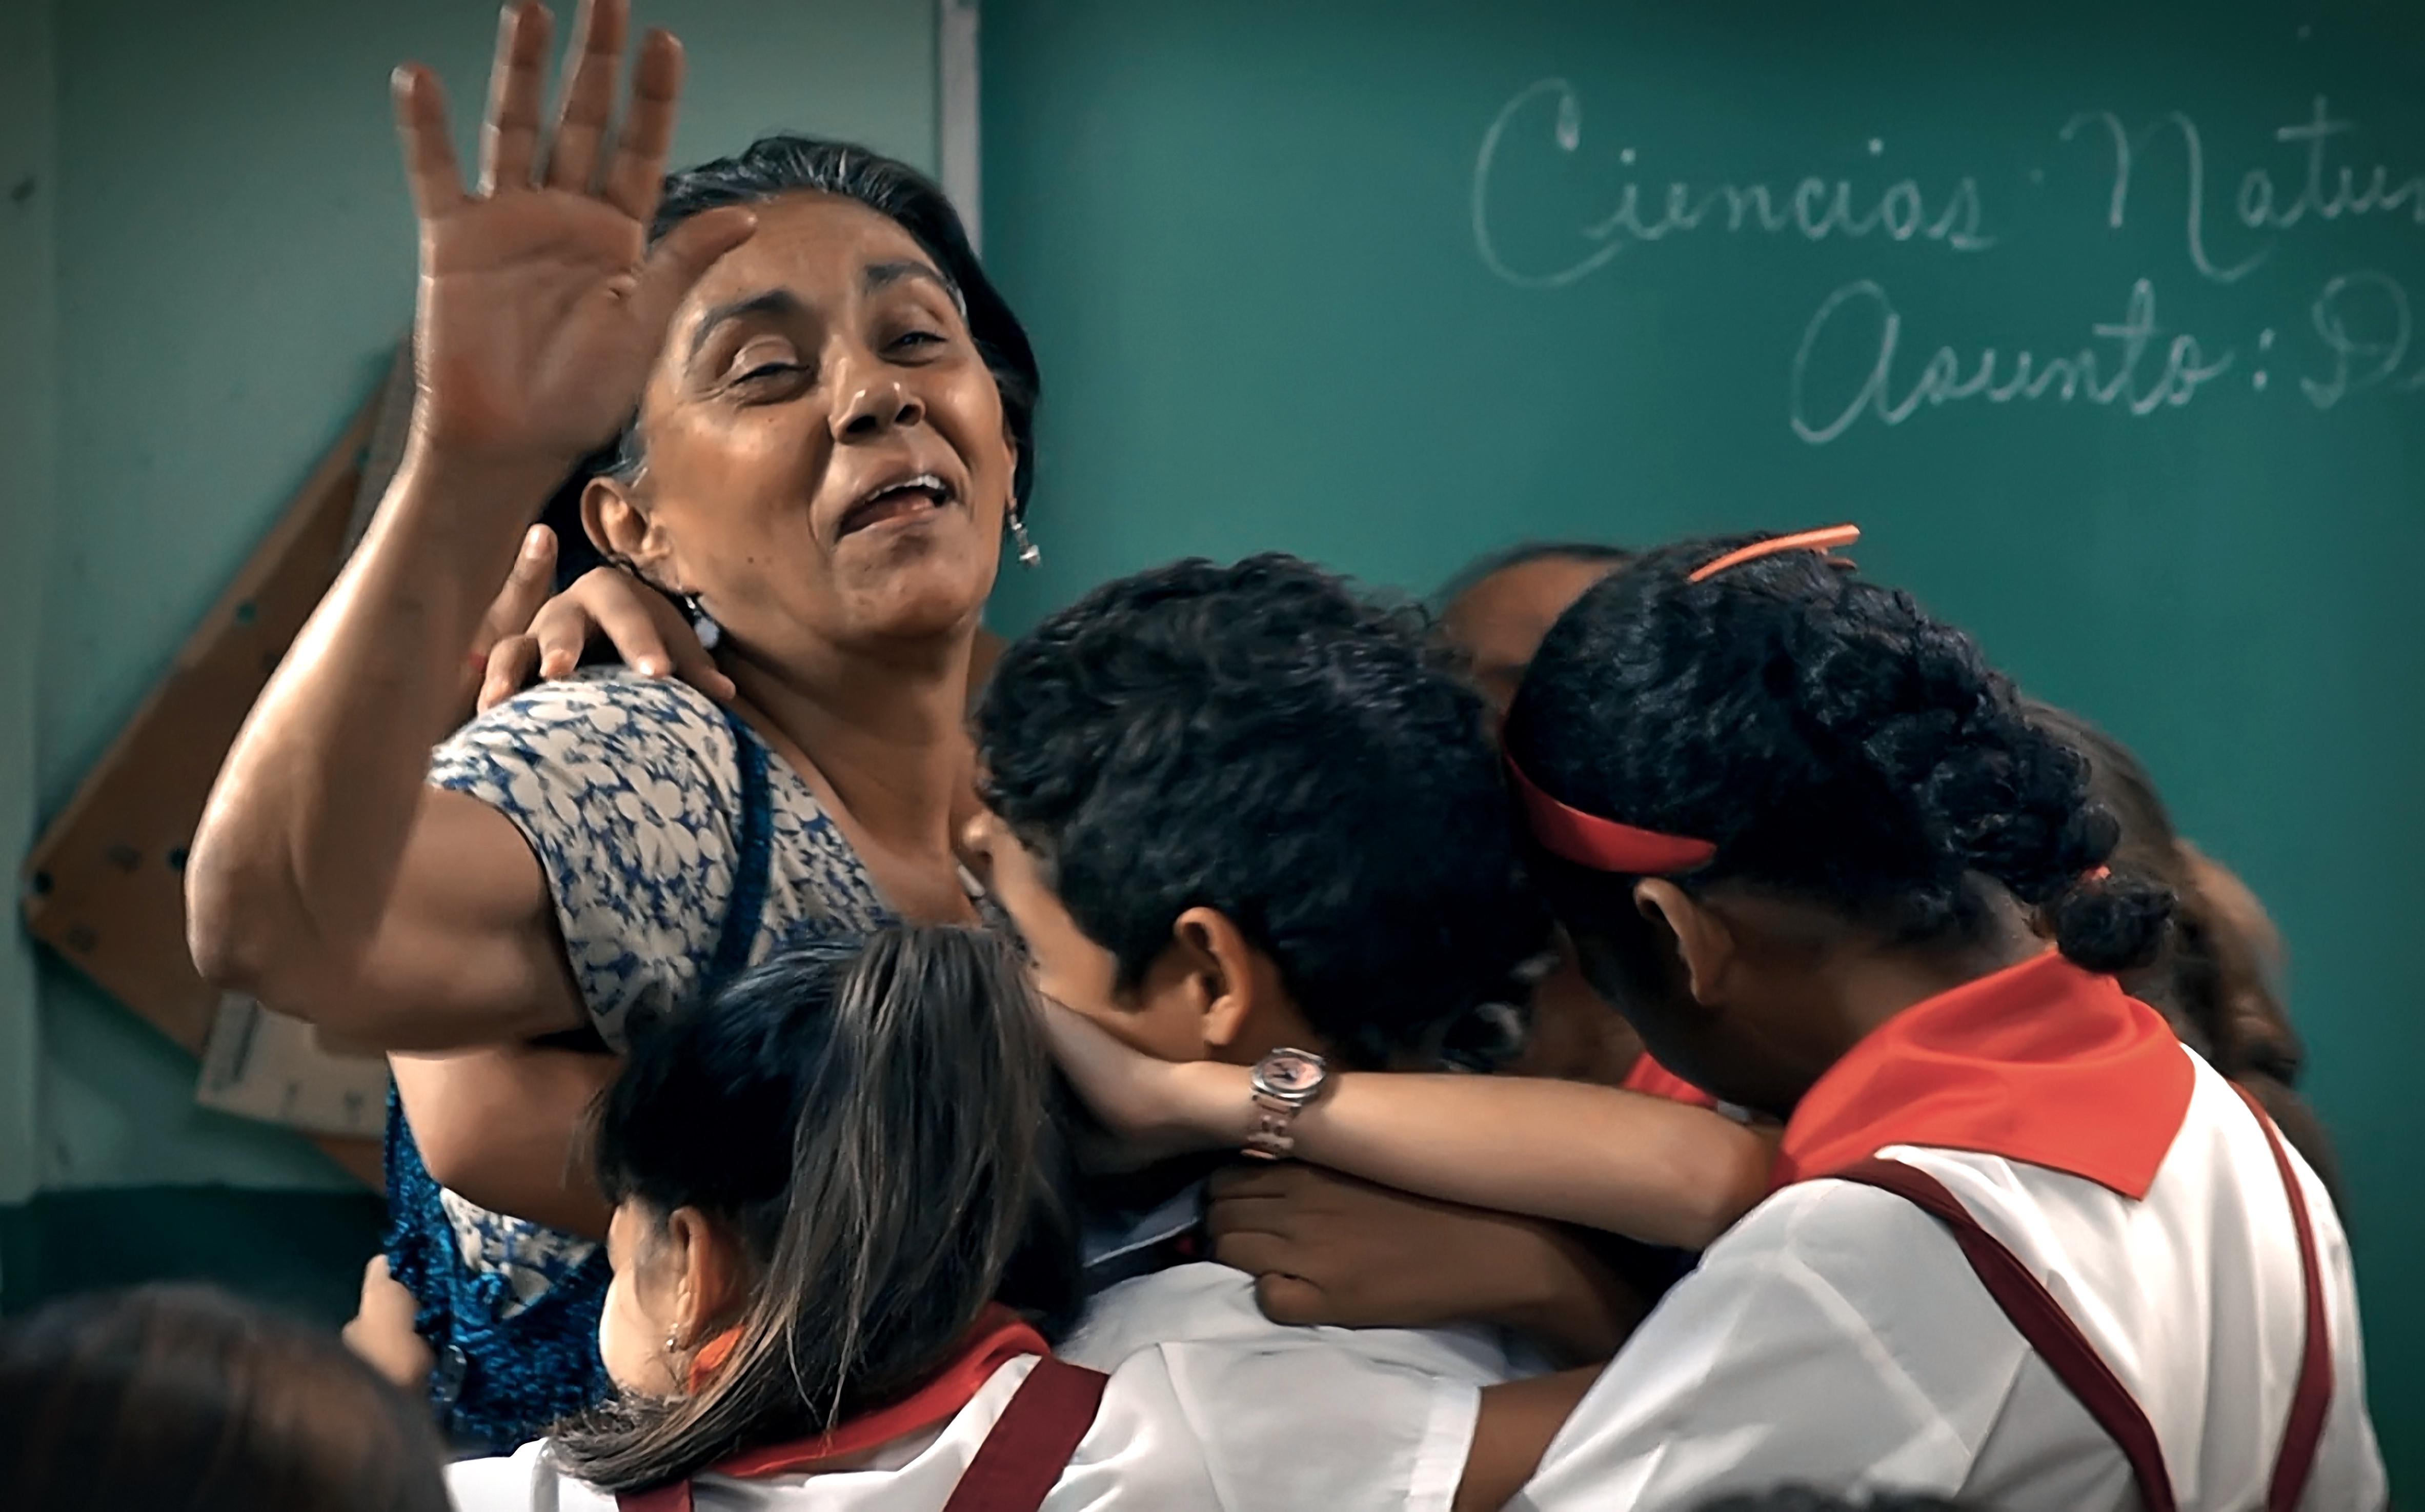 Condotta: Alina Rodríguez circondata dai suoi affettuosi studenti in una scena del film